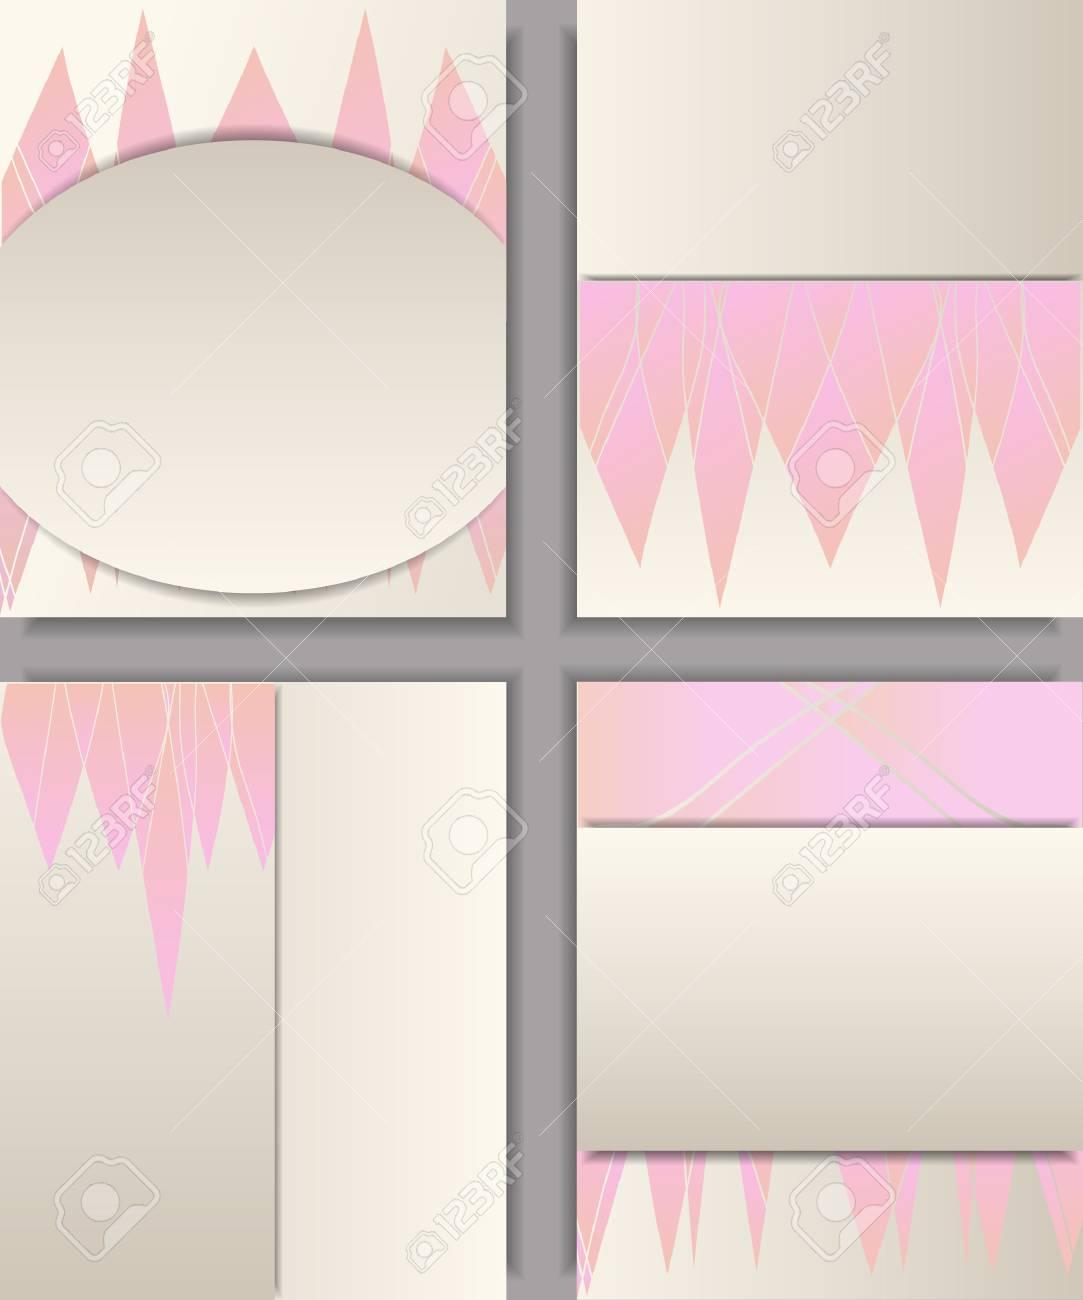 Conjunto De Diferentes Tipos De Plantillas Para Portada Tarjetas De Visita Invitación Carteles Pancartas Con Elementos Geométricos Rosados